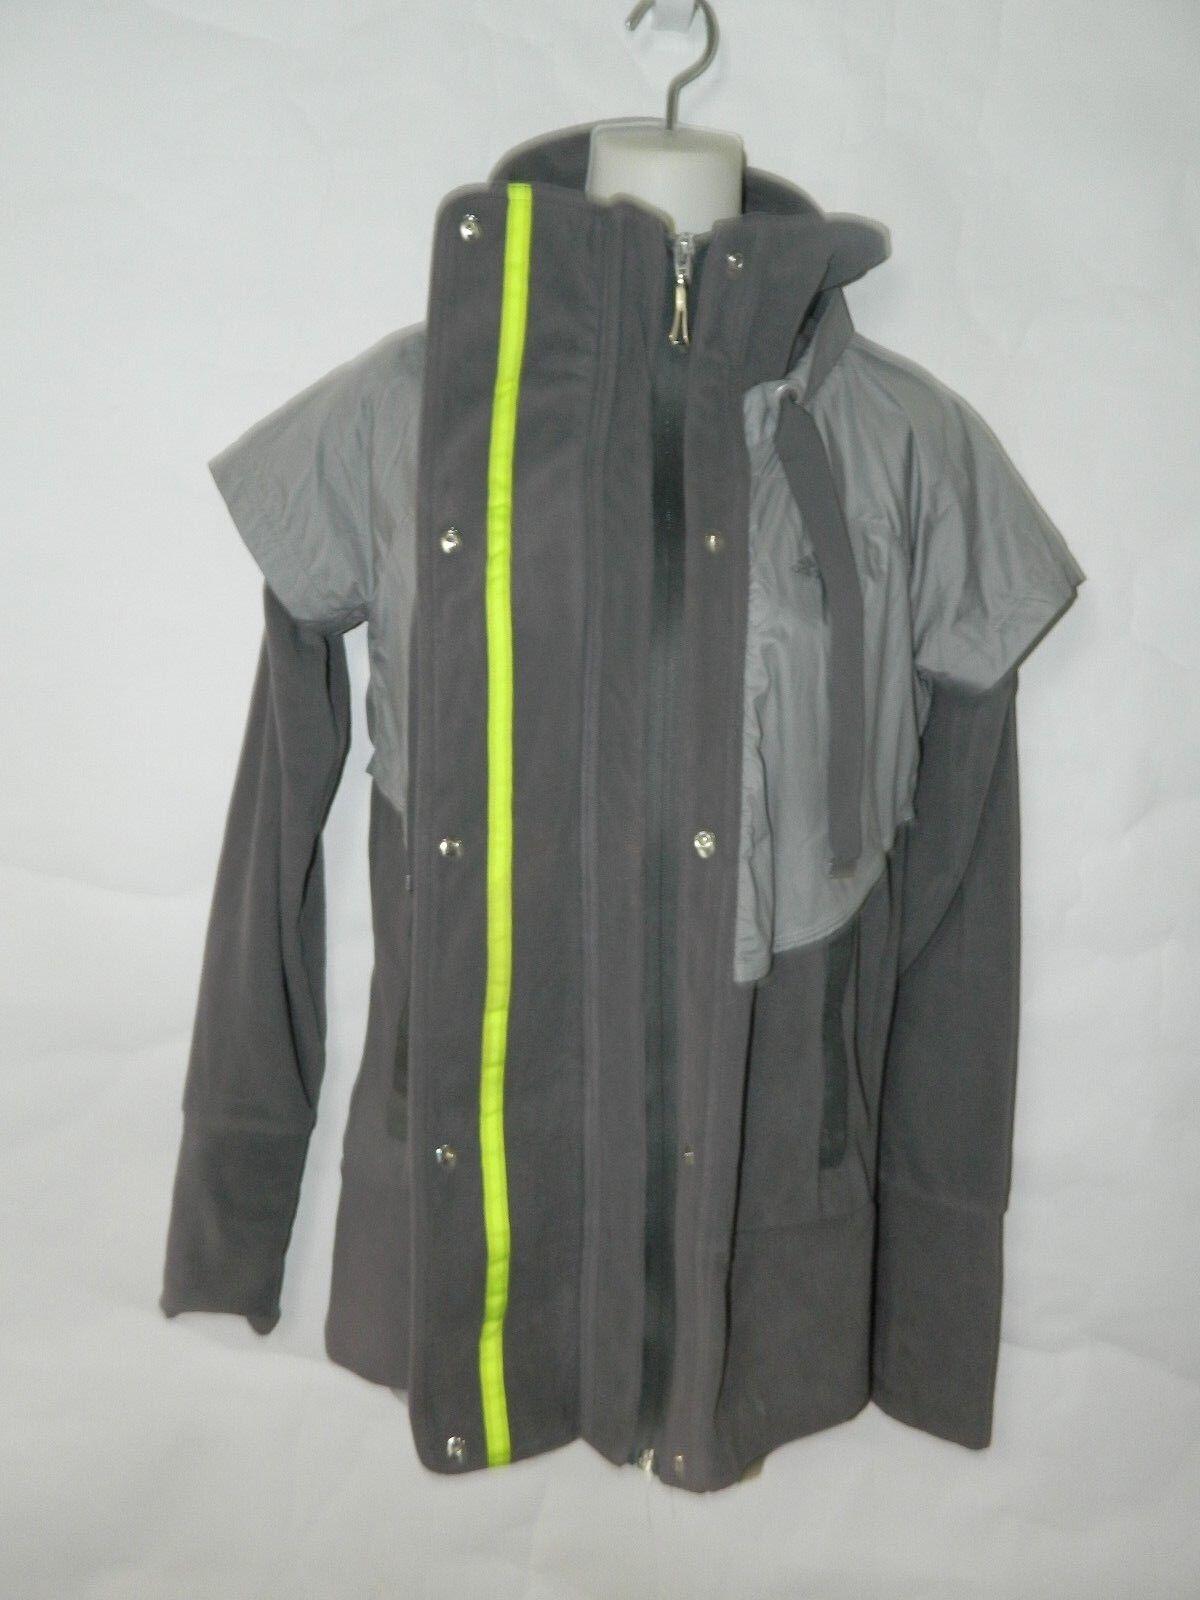 Adidas giacca grigio clima caldo pile di nastro cravatta di pile dimensioni piccole. a9db0a